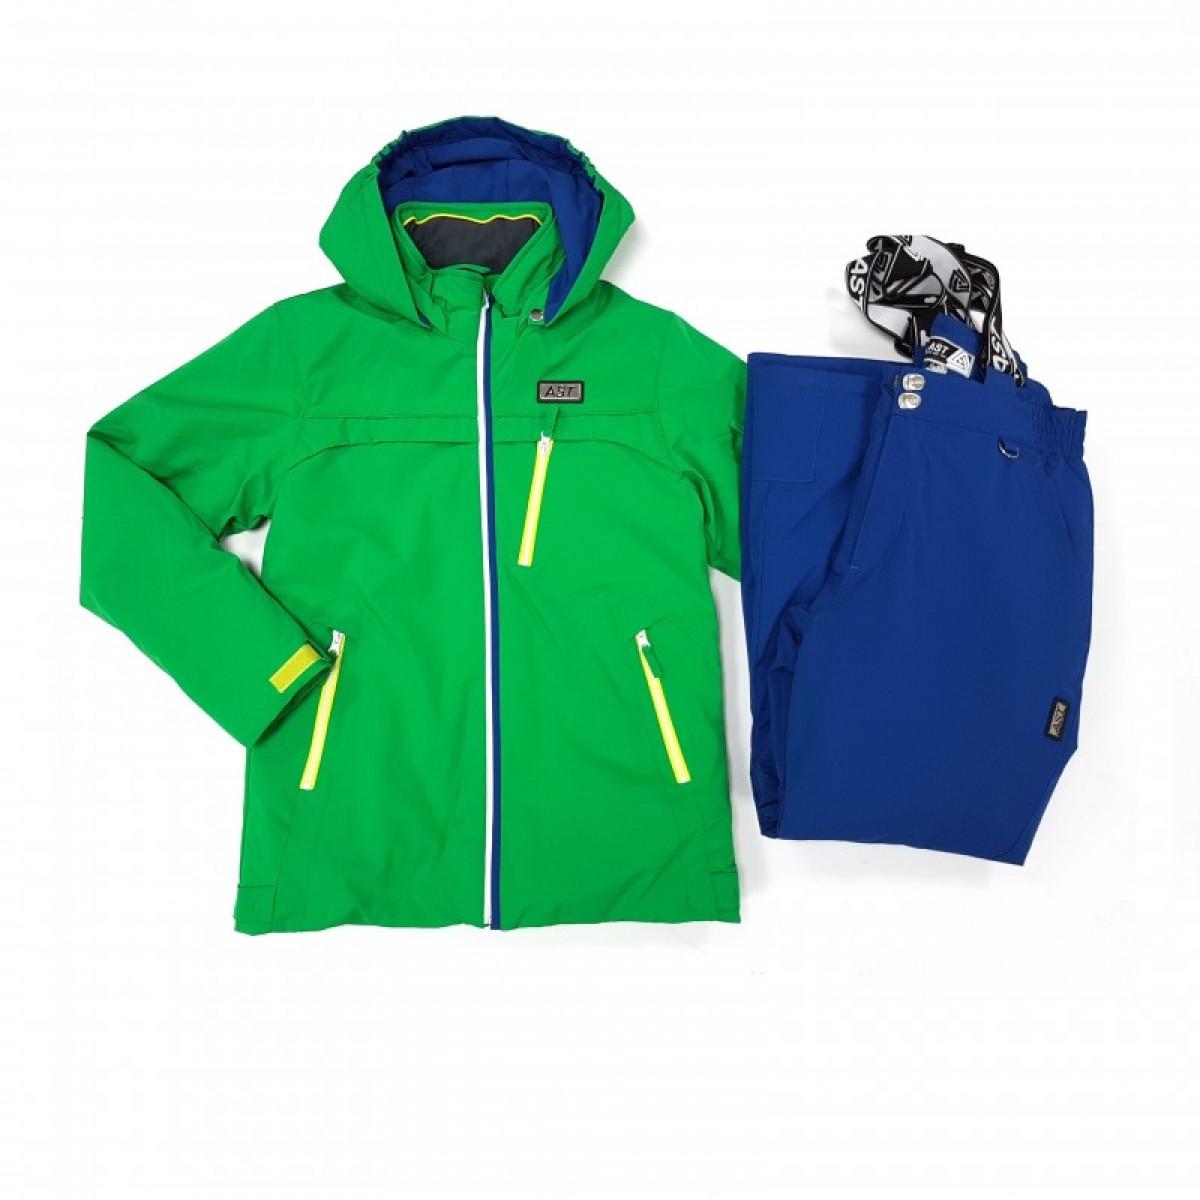 2a1027a7b84b8 Completo Sci Junior AST - ASTROLABIO BOY - Ski - Montagna - Sport ...